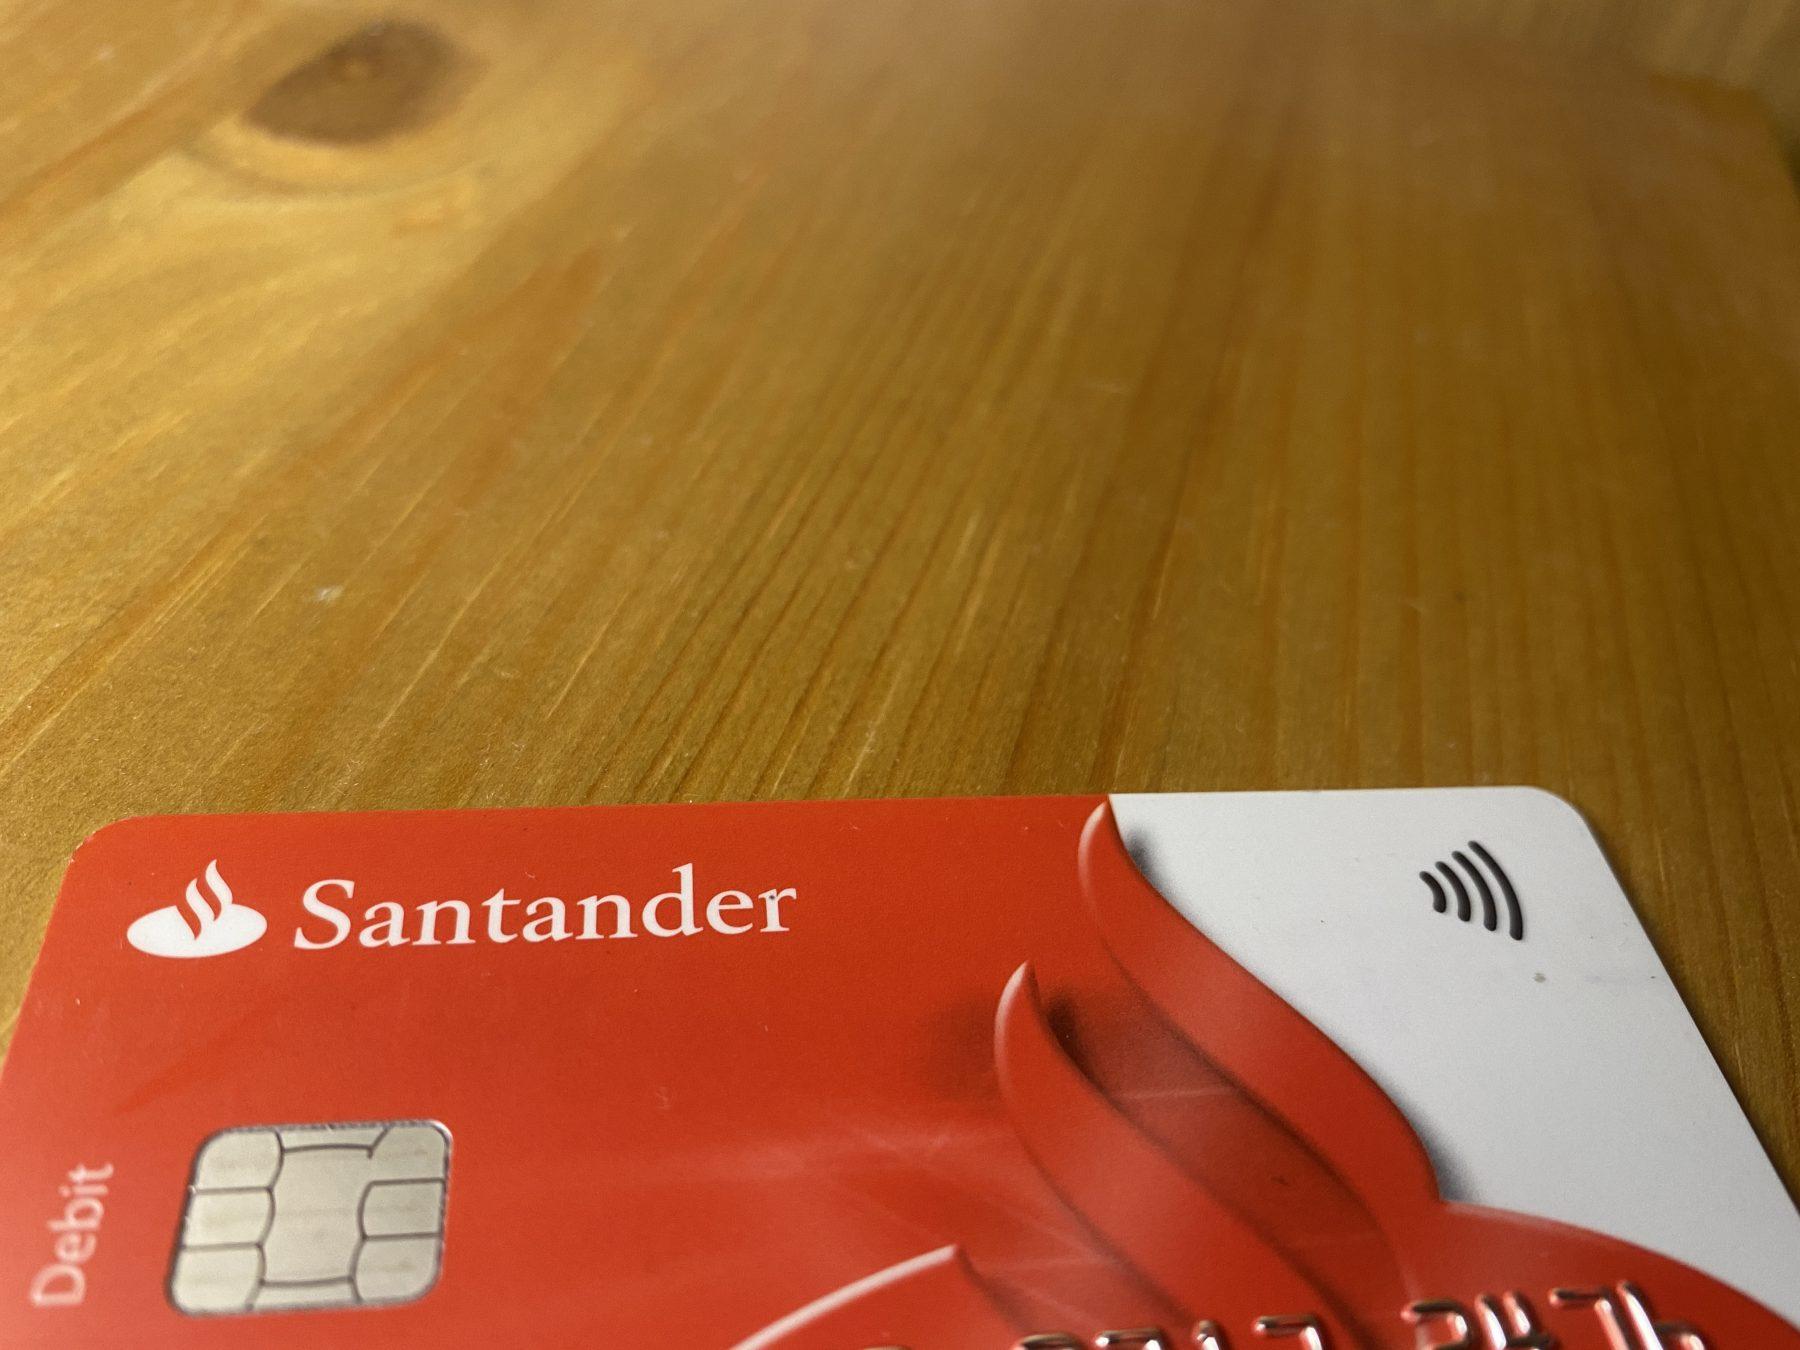 santander 123 review